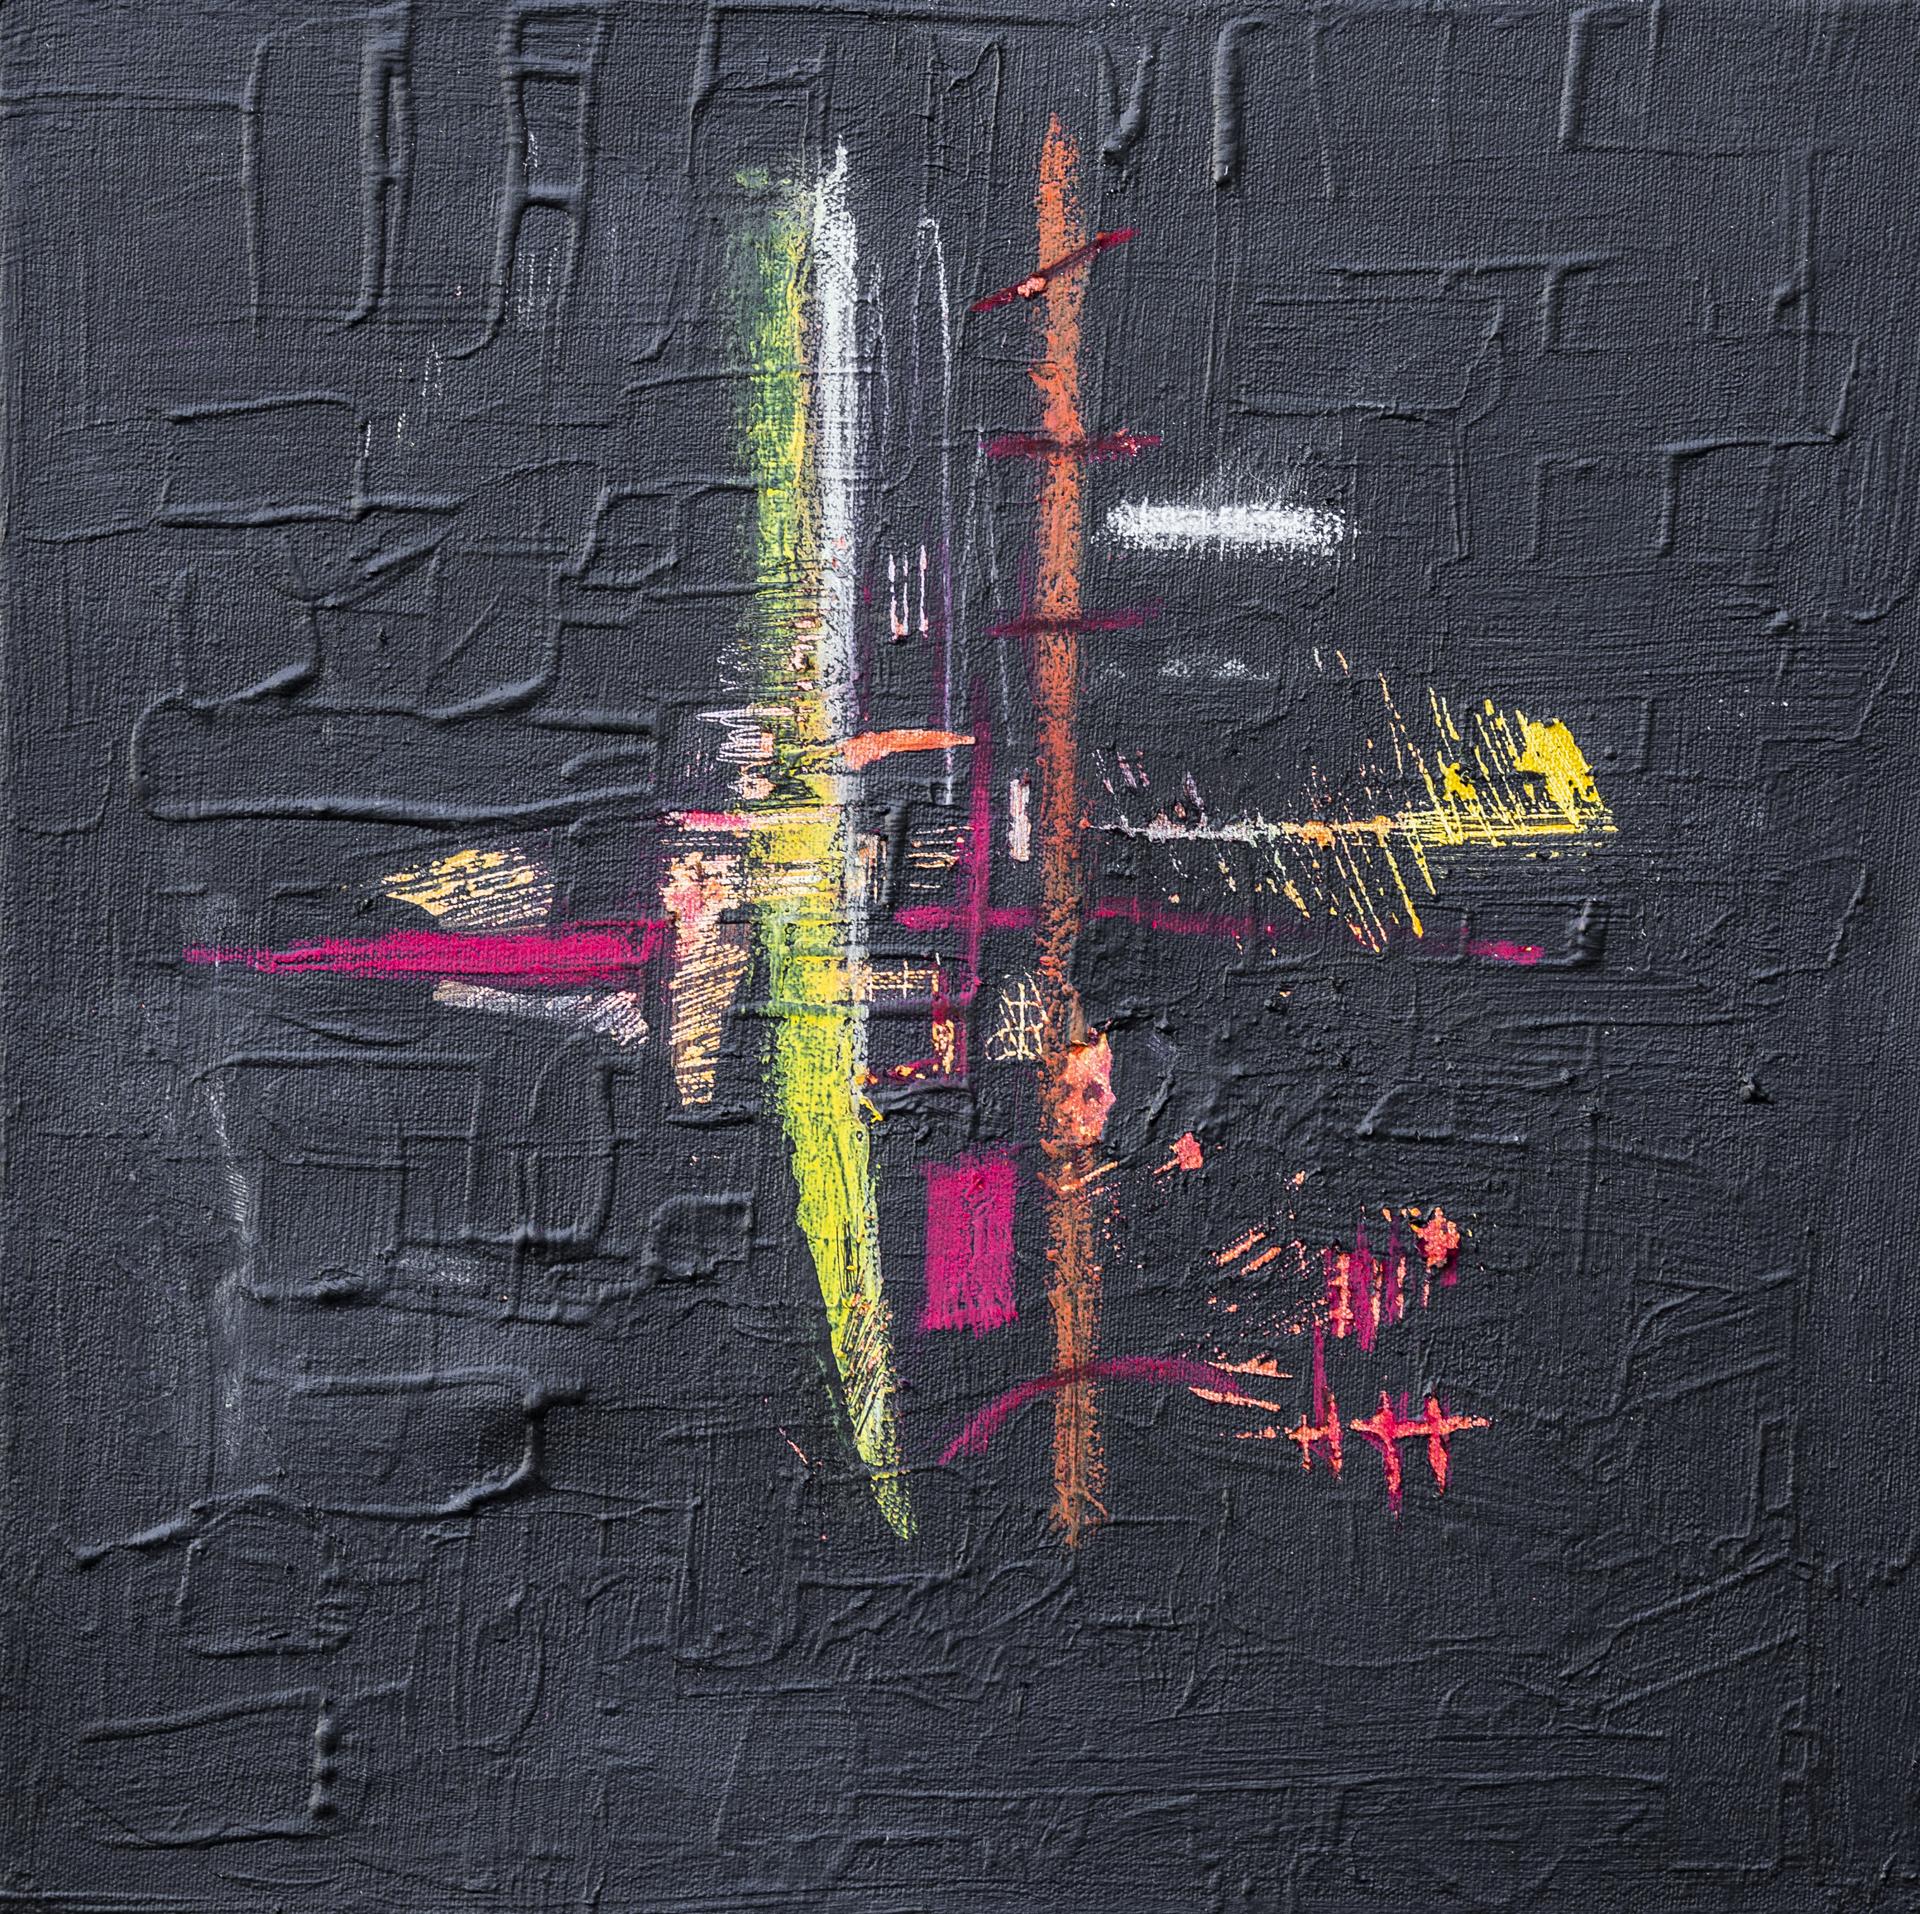 artista-plastico-argentino-maximiliano-borgia-012